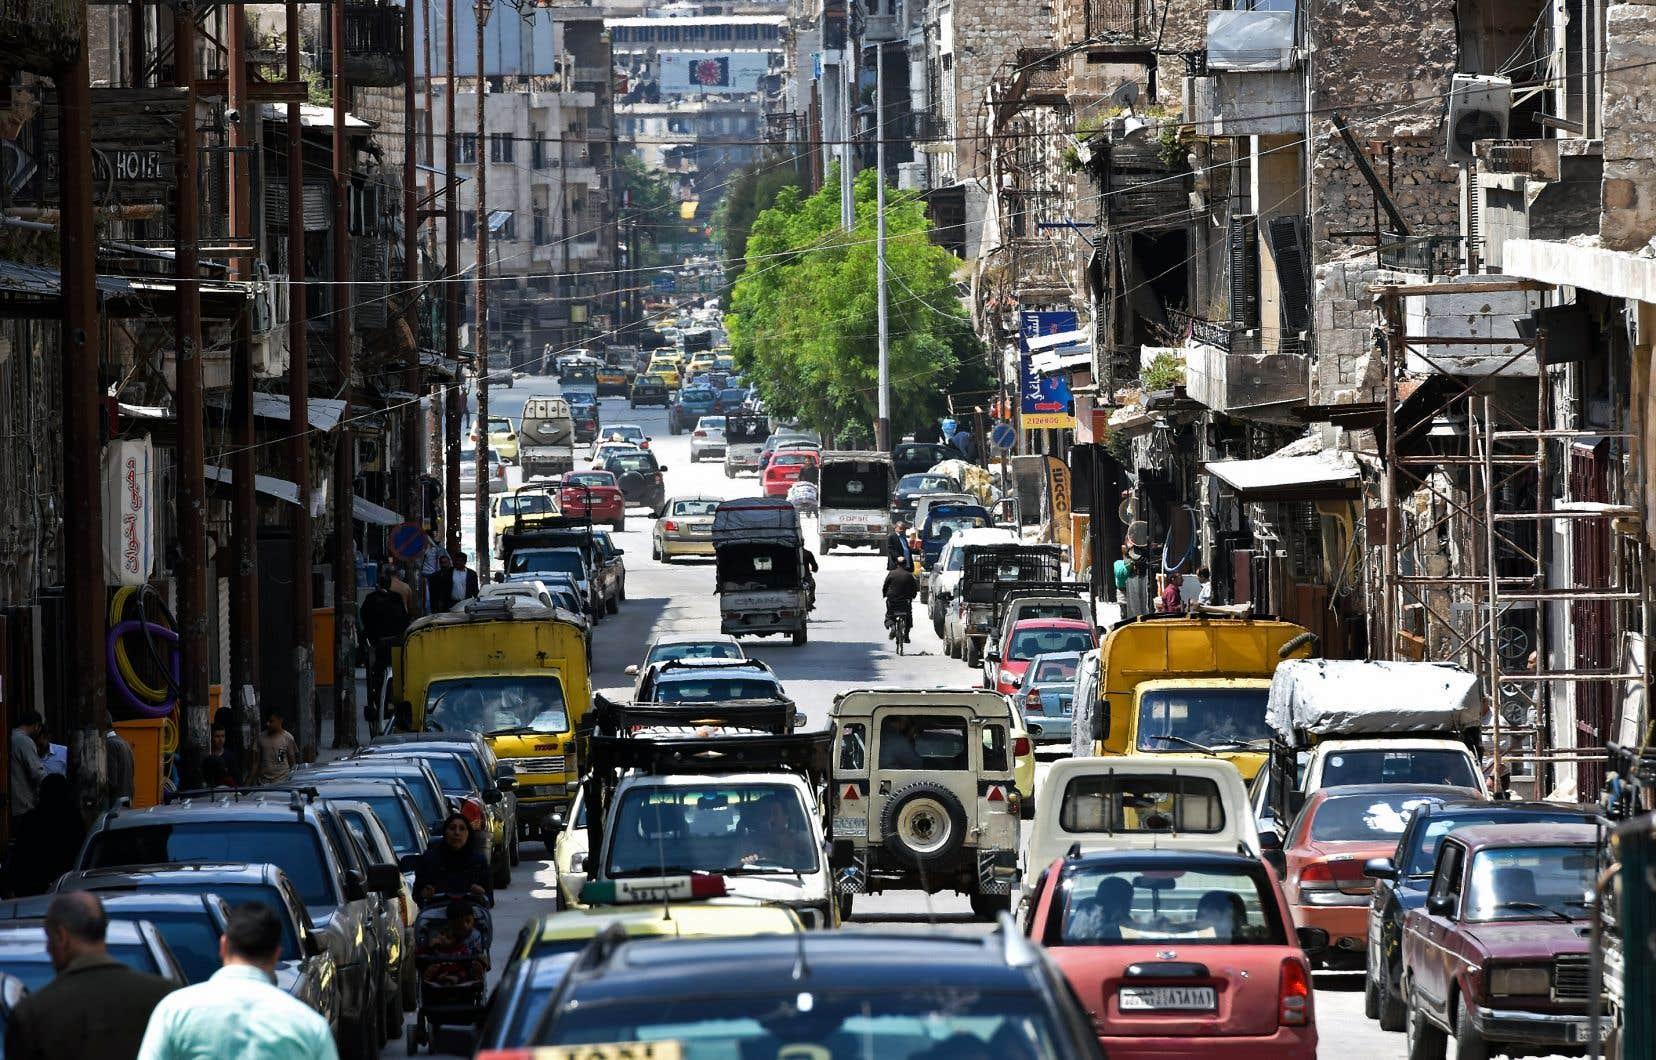 Vue sur les embouteillages dans Bab al-Nasr, dans la vieille ville d'Alep